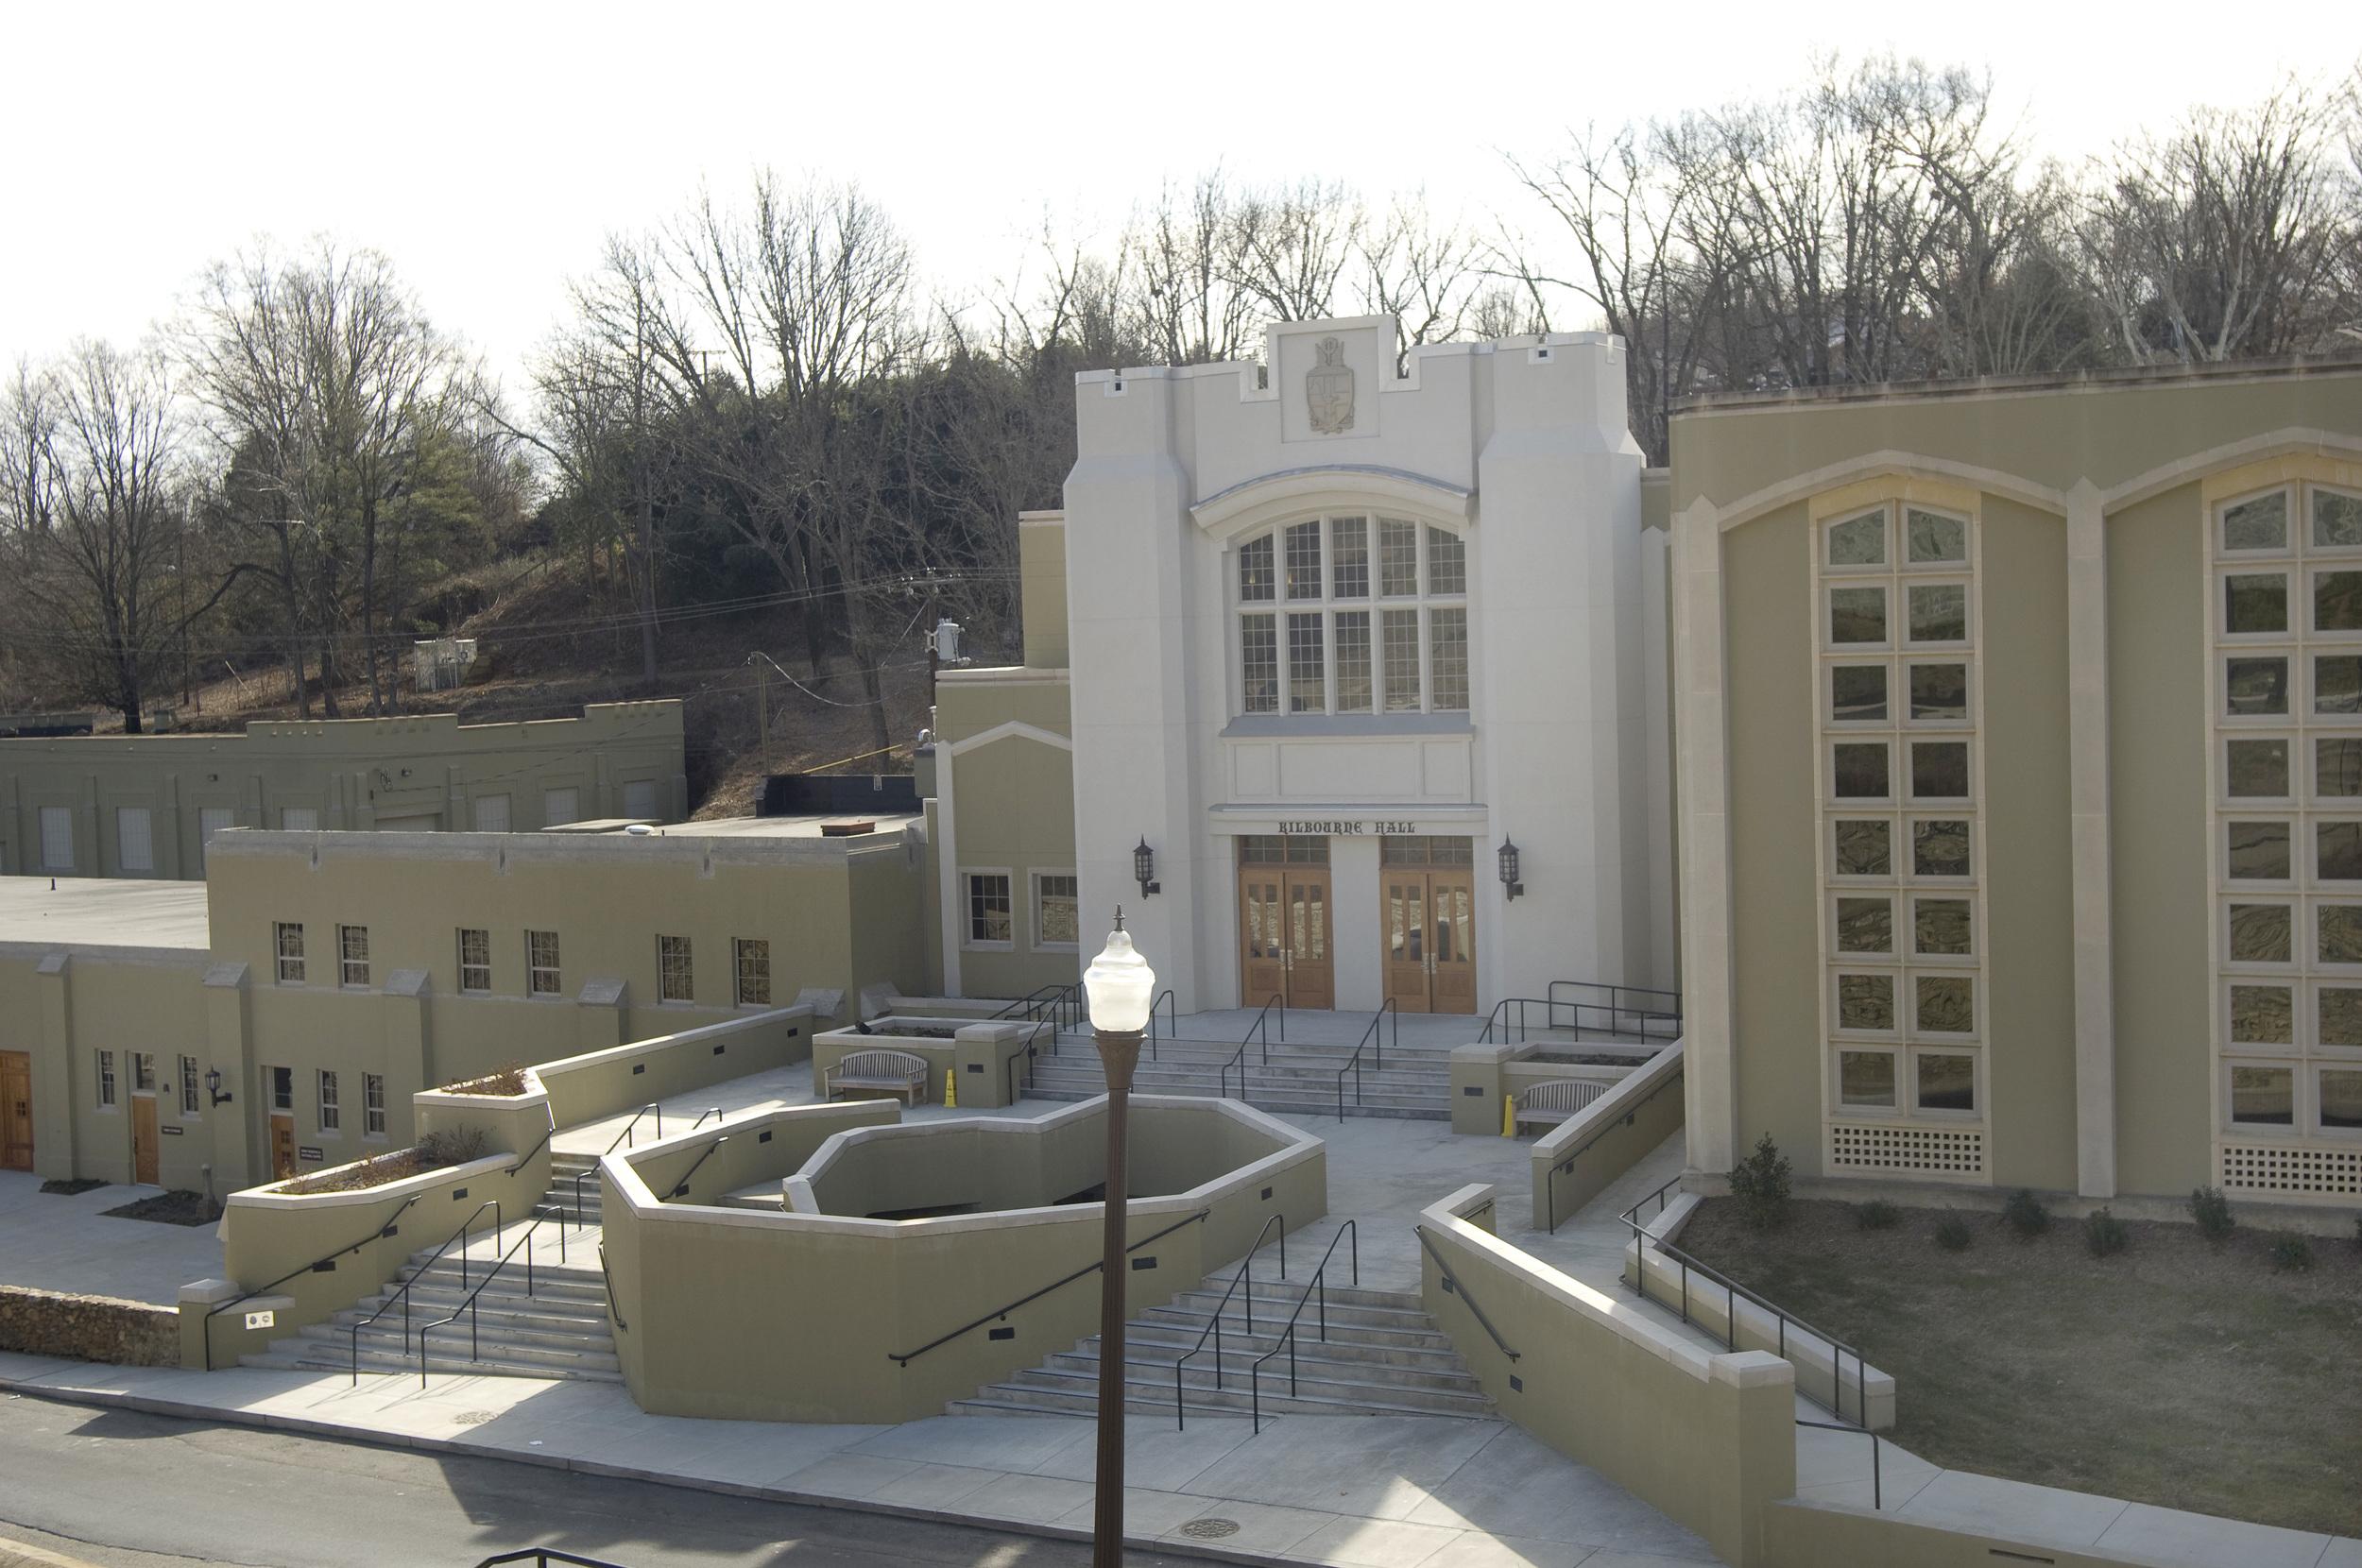 Virginia Military Institute Kilbourne Hall Exterior